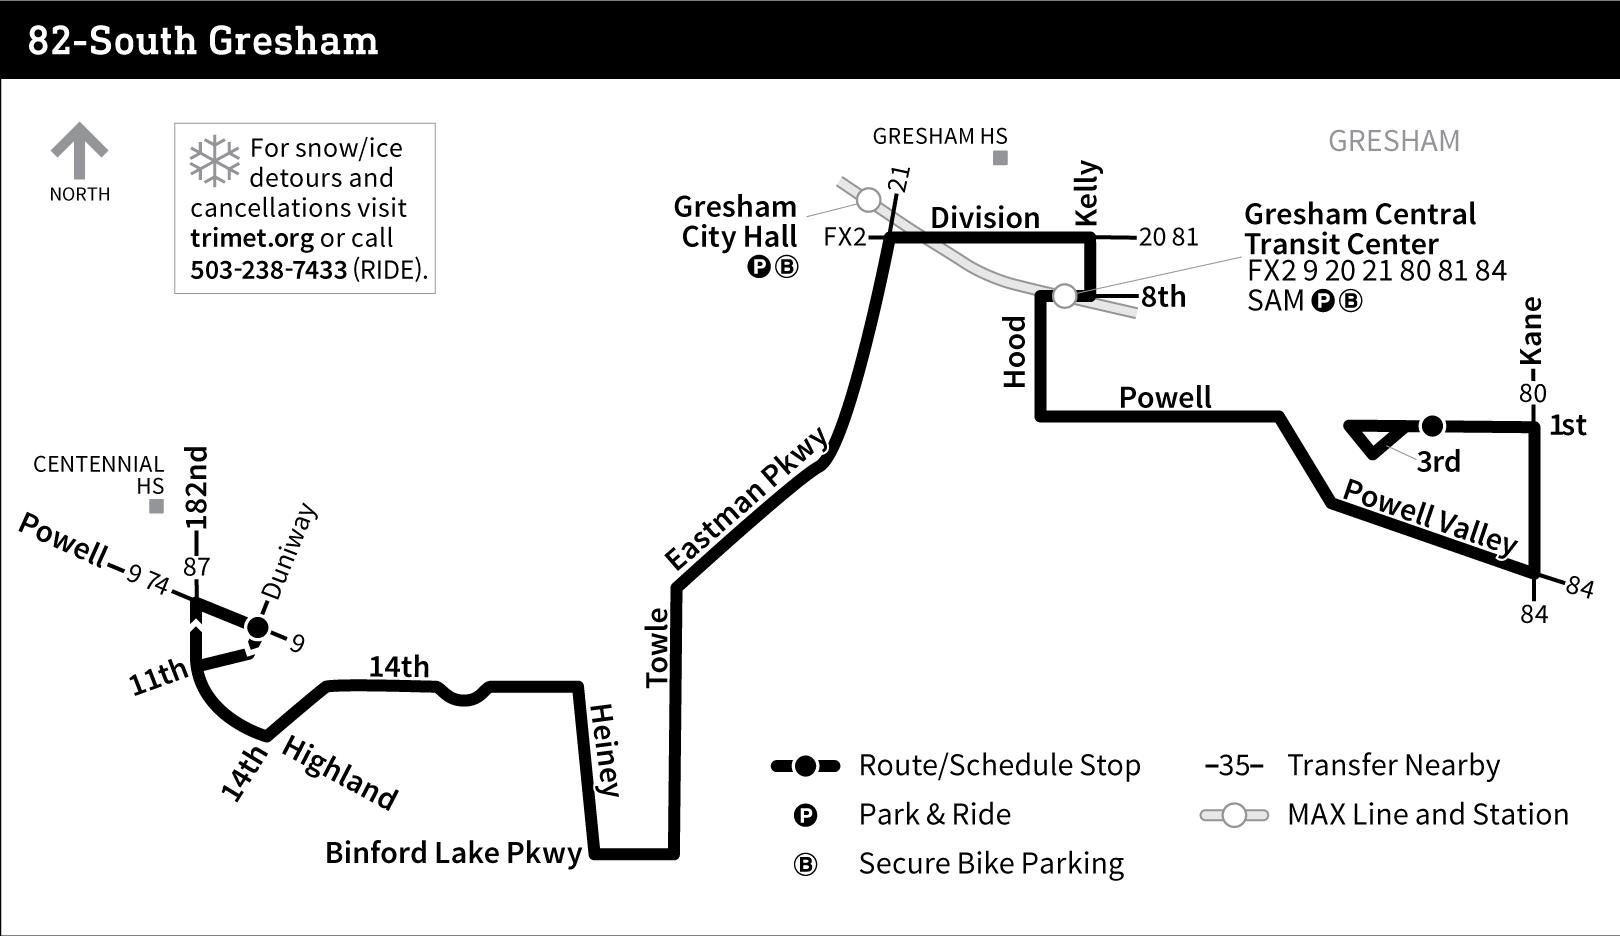 82-South Gresham